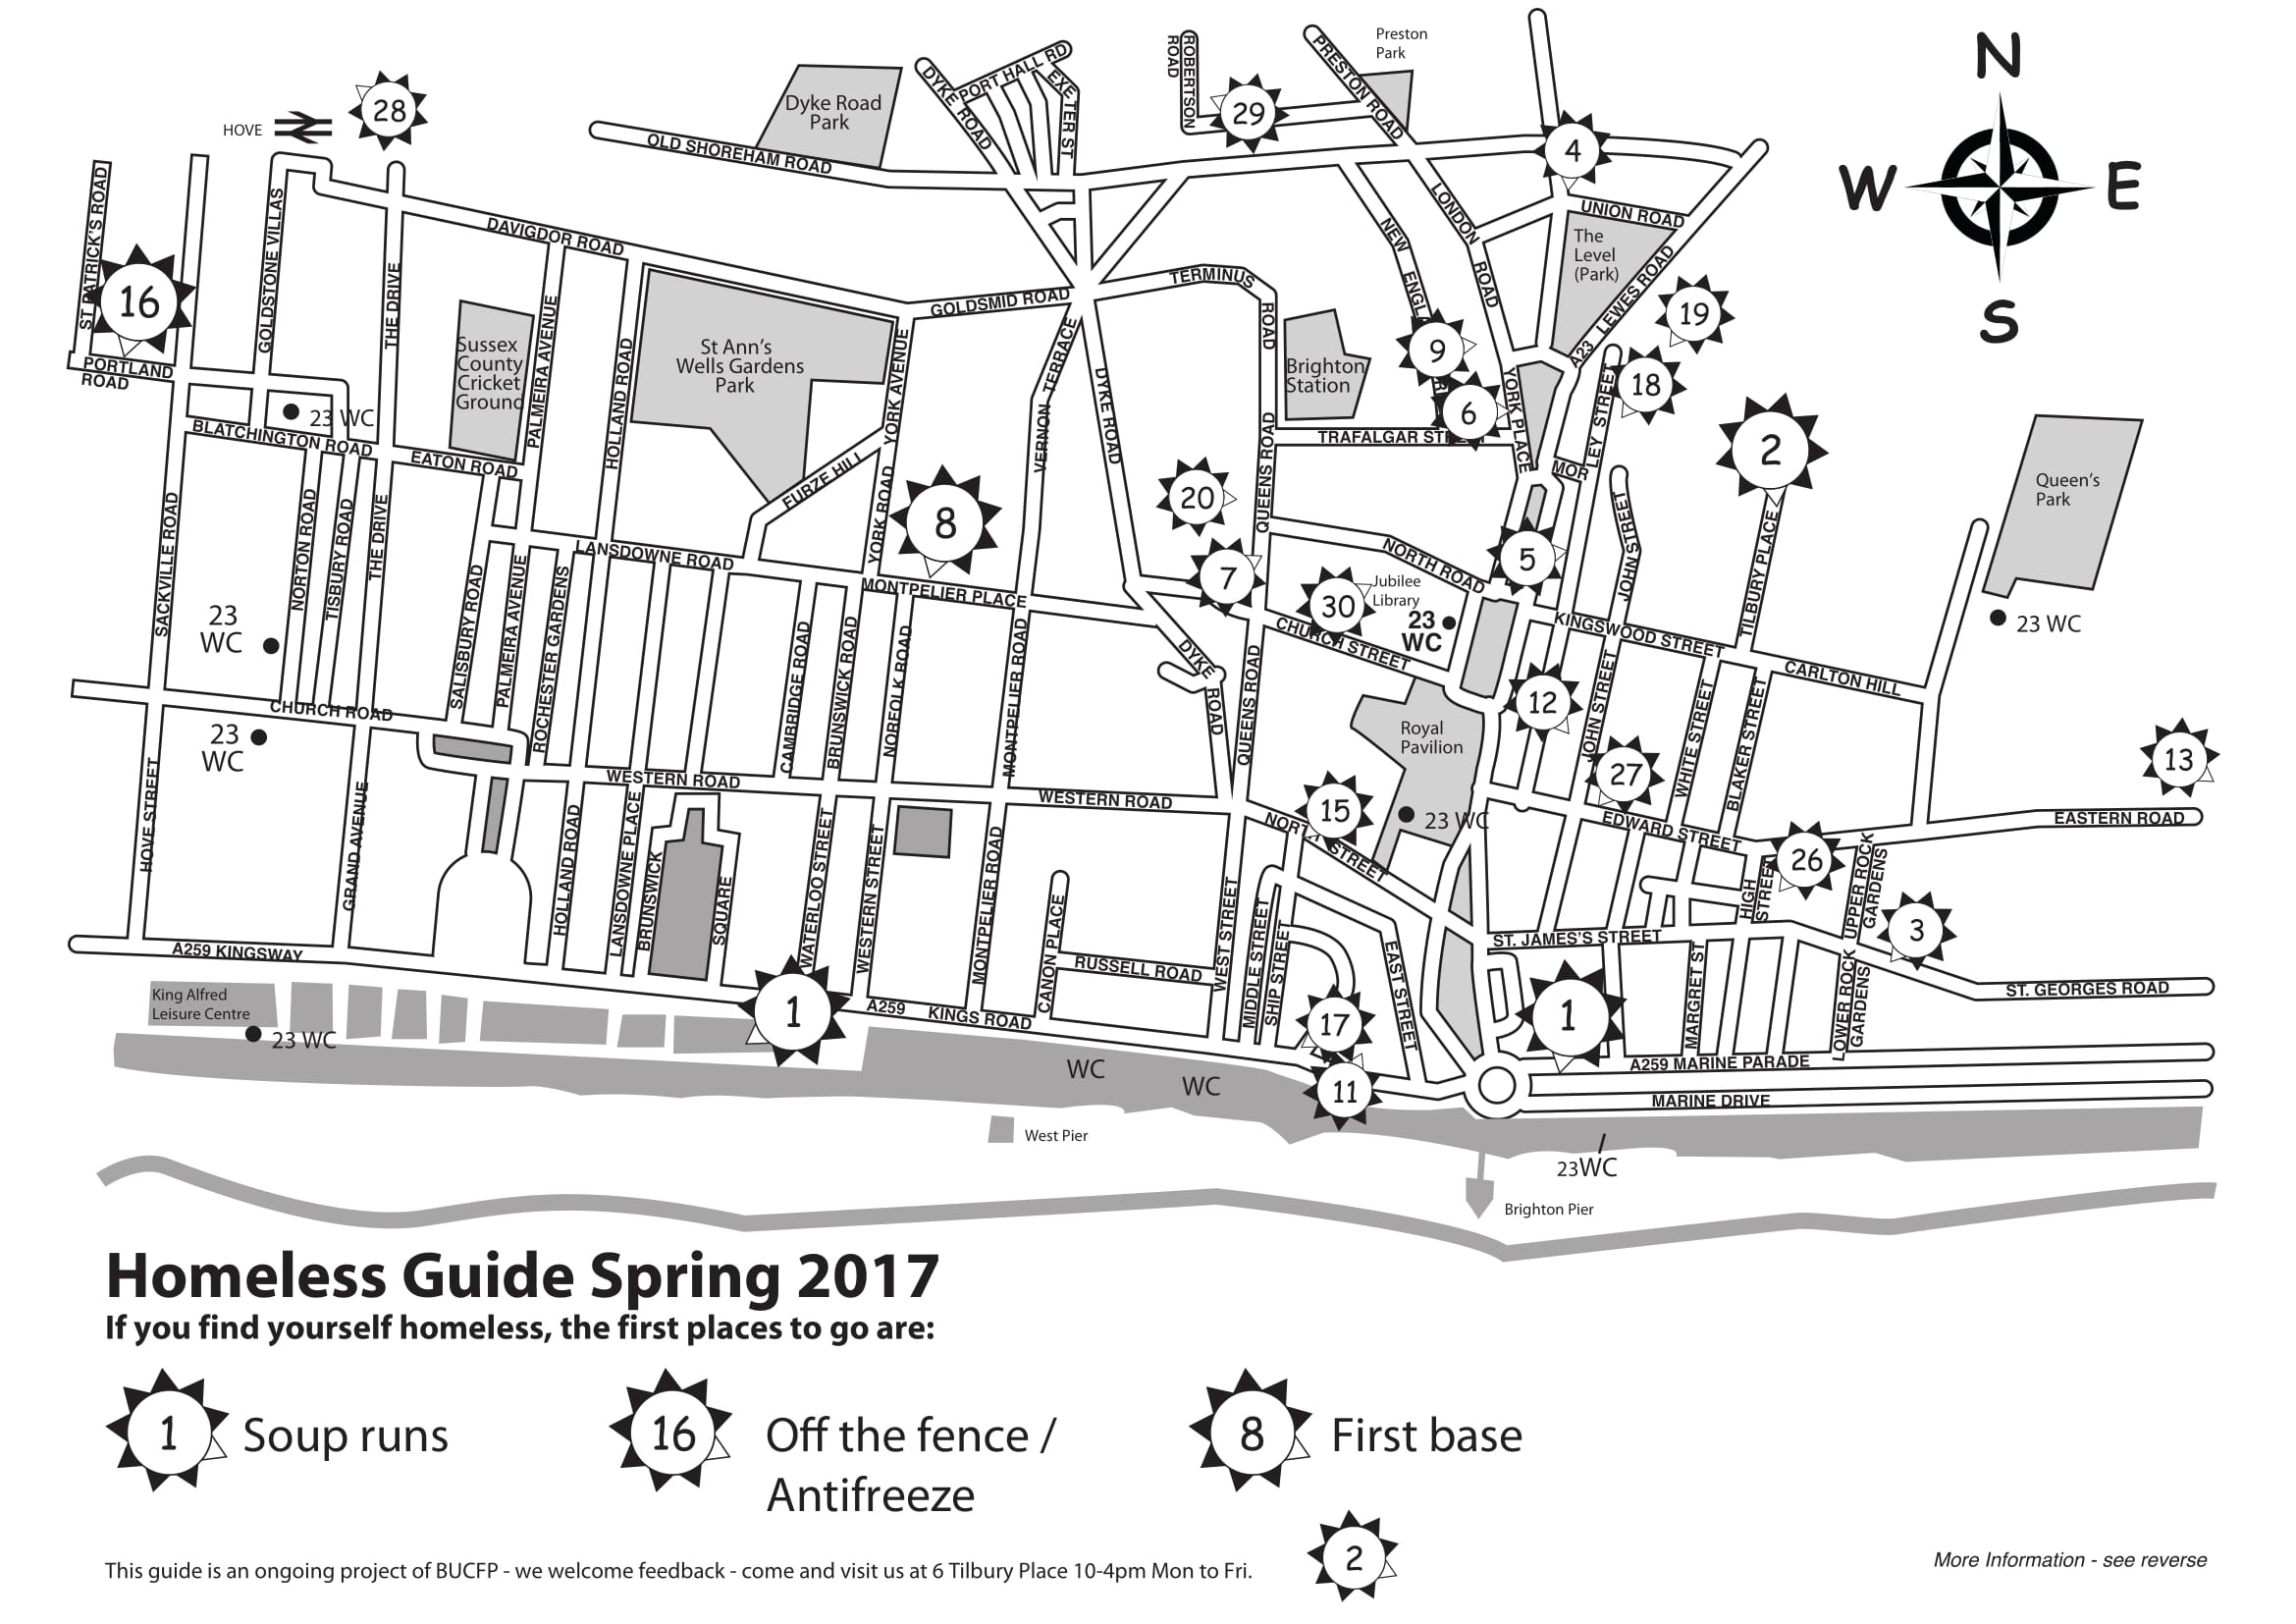 homeless-guide-map-2017 (1)-1.jpg